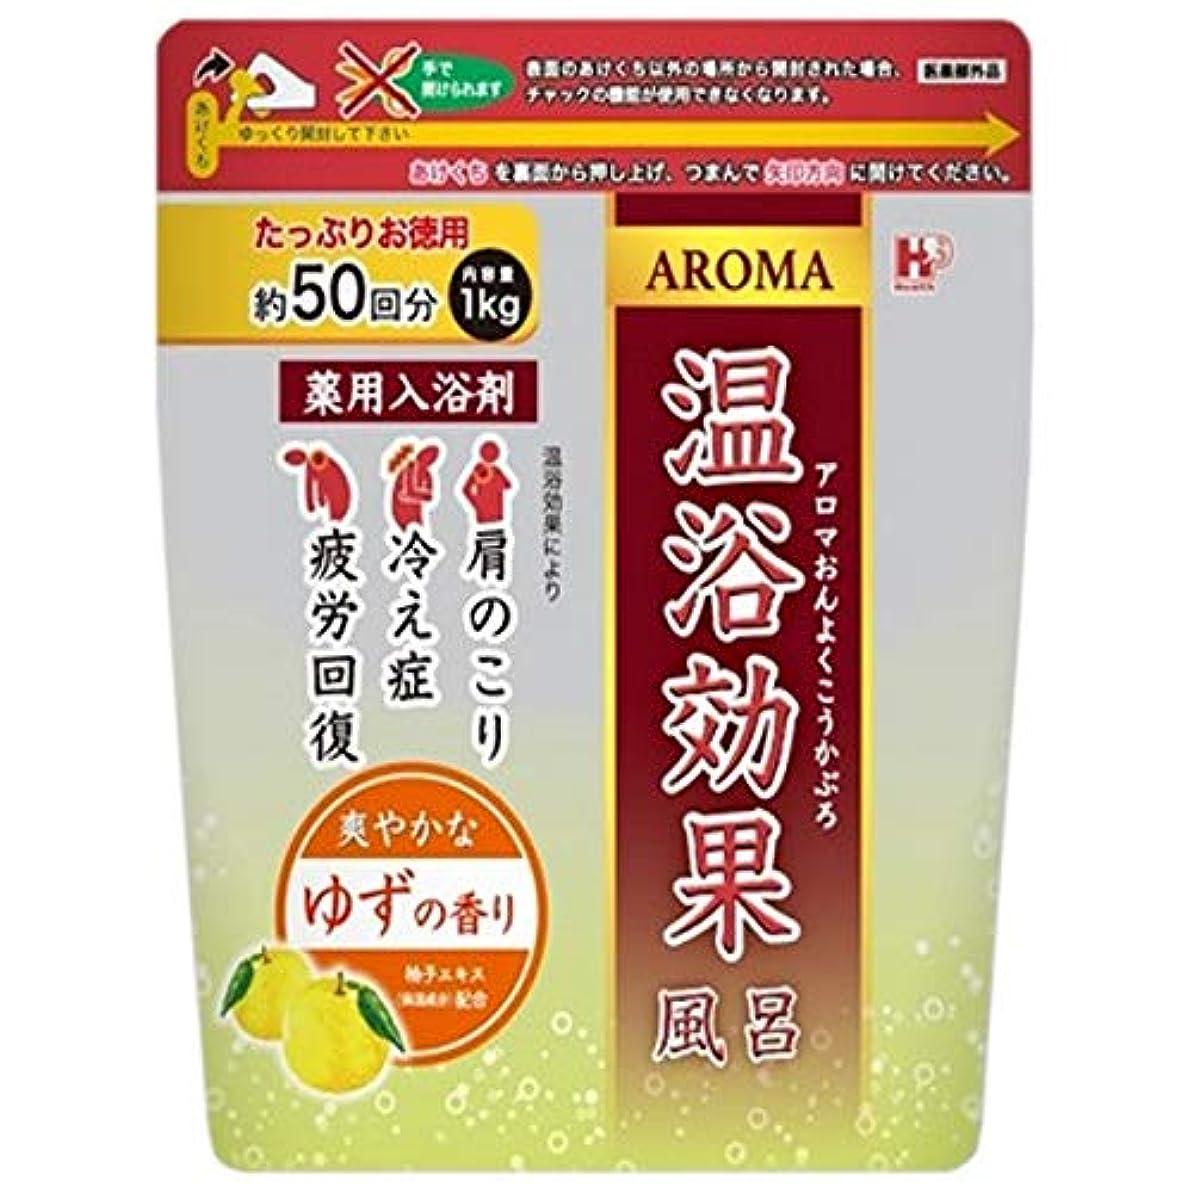 水素シリーズ建設薬用入浴剤 アロマ温浴効果風呂 ゆず 1kg×10袋入